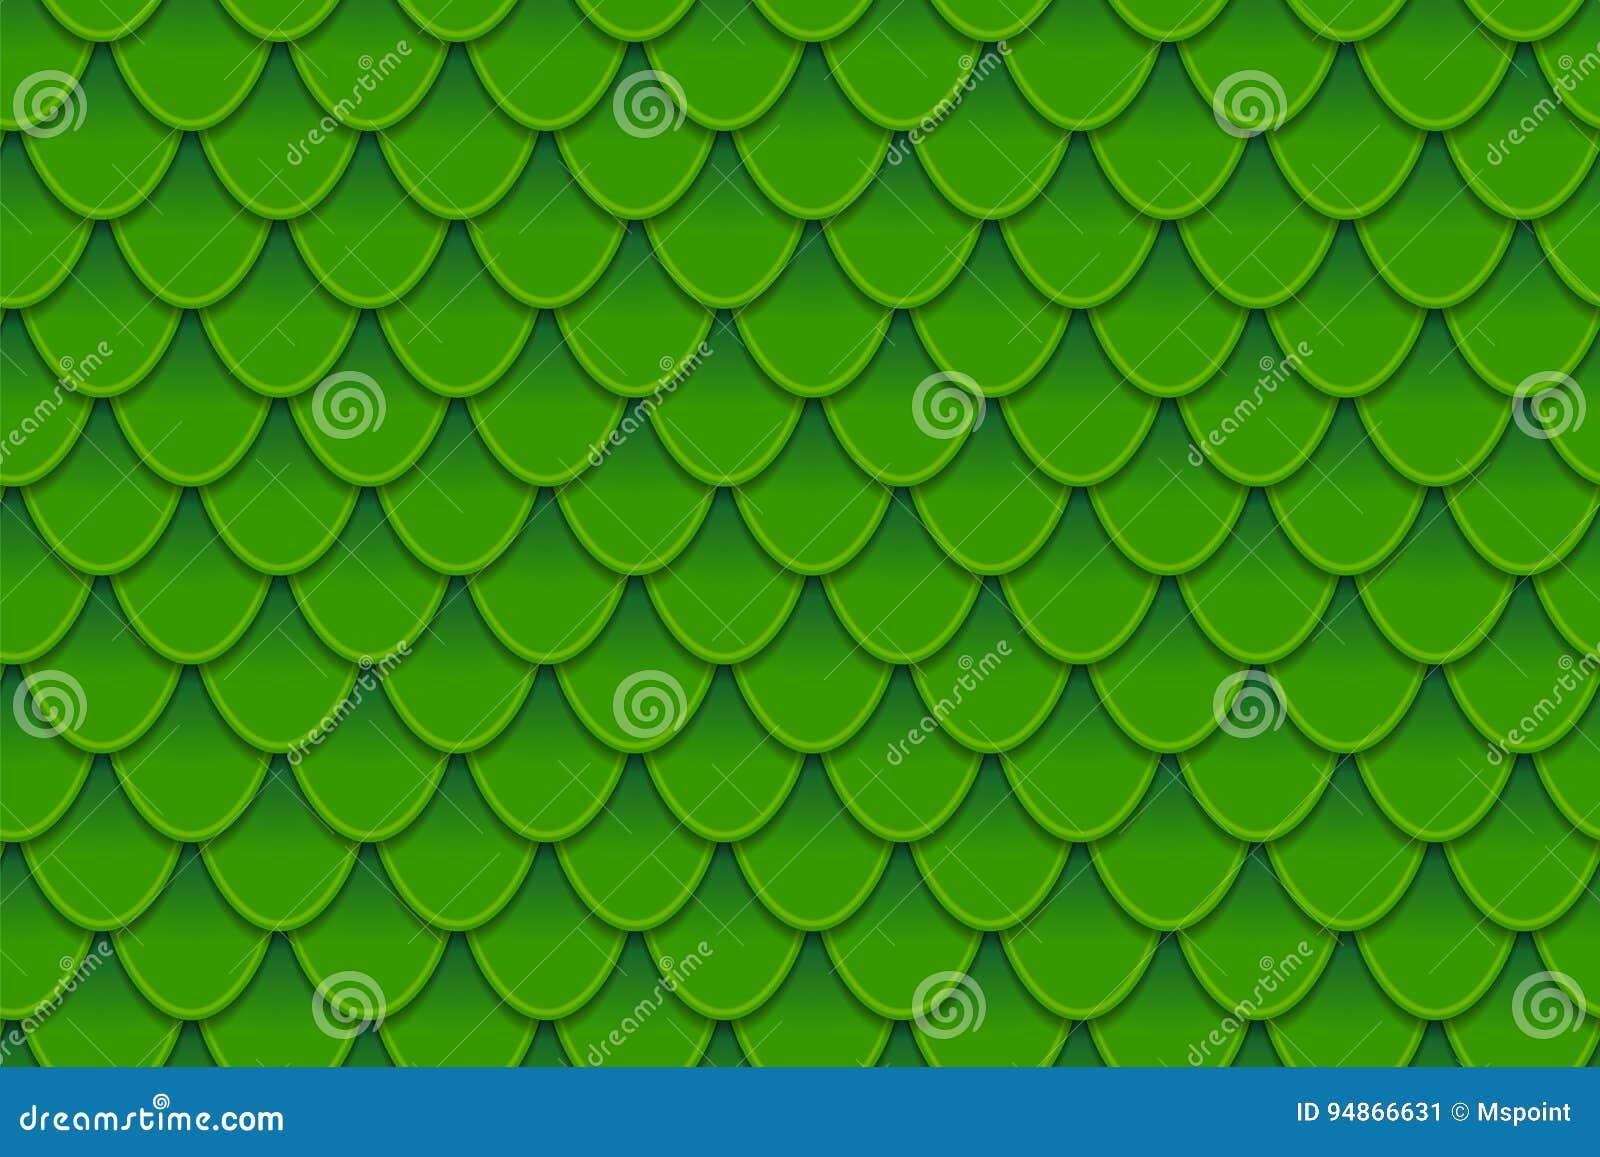 Modelo inconsútil de las escalas de pescados verdes coloridas Escalas de pescados, piel del dragón, carpa japonesa, piel del dino